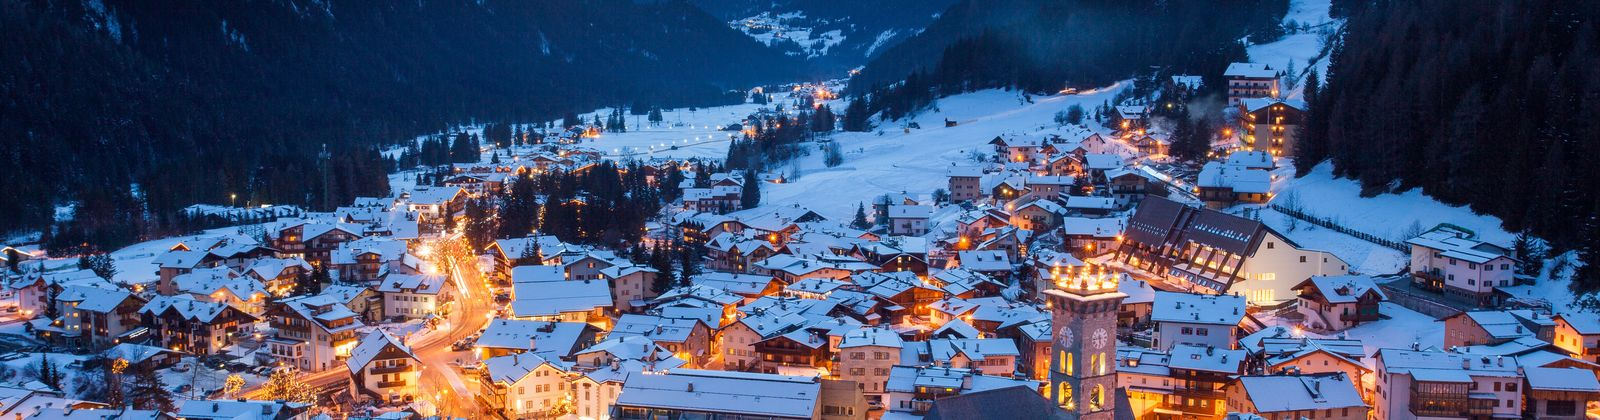 Capodanno in montagna dove andare in italia for Capodanno in italia